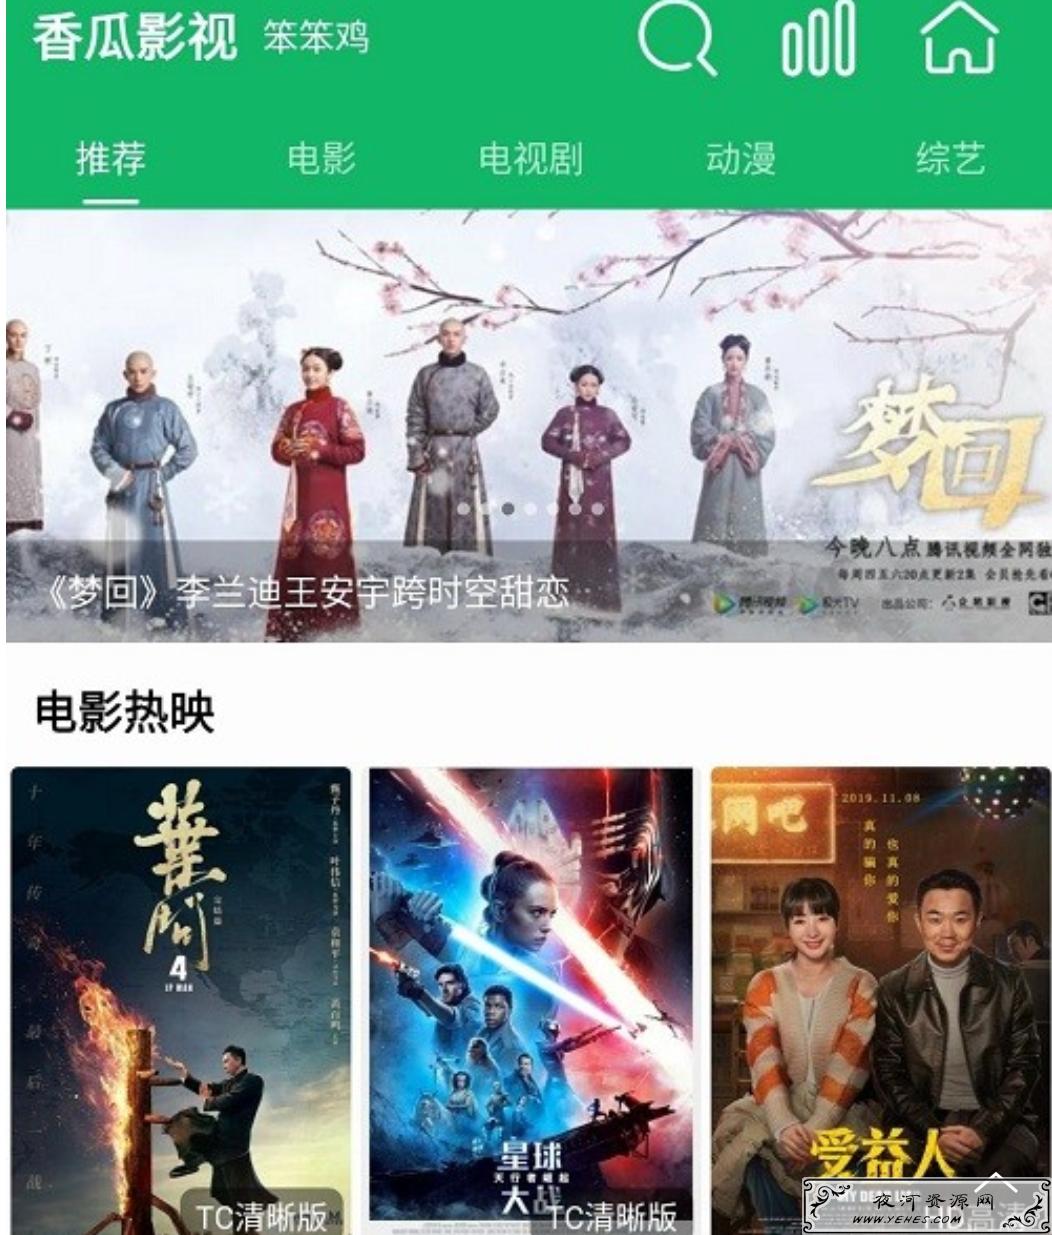 香瓜影视v1.5.0直装解版,畅看VIP付费热门电影